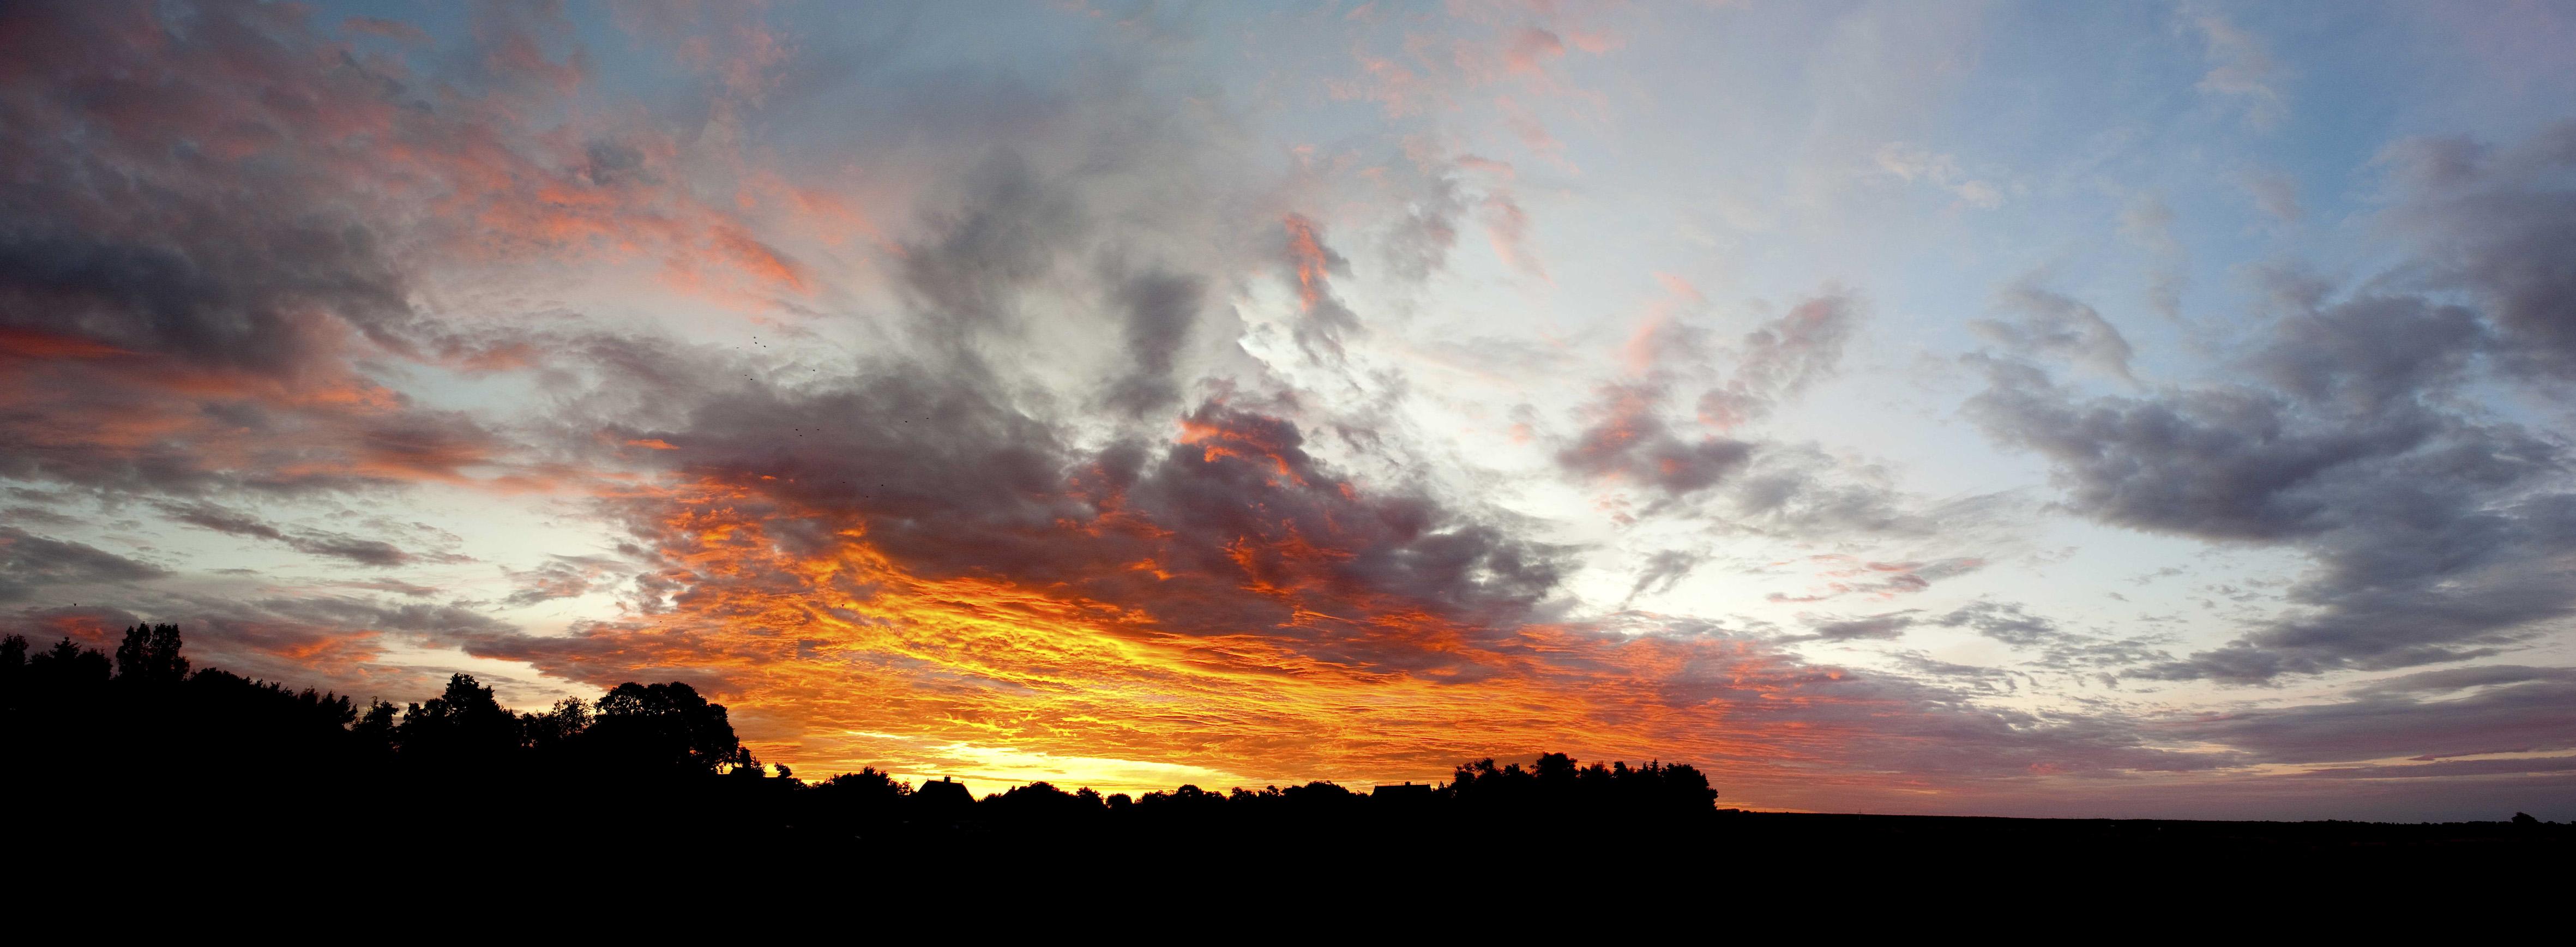 Himmel am Morgen über Born, DE ©Johannes Ratermann